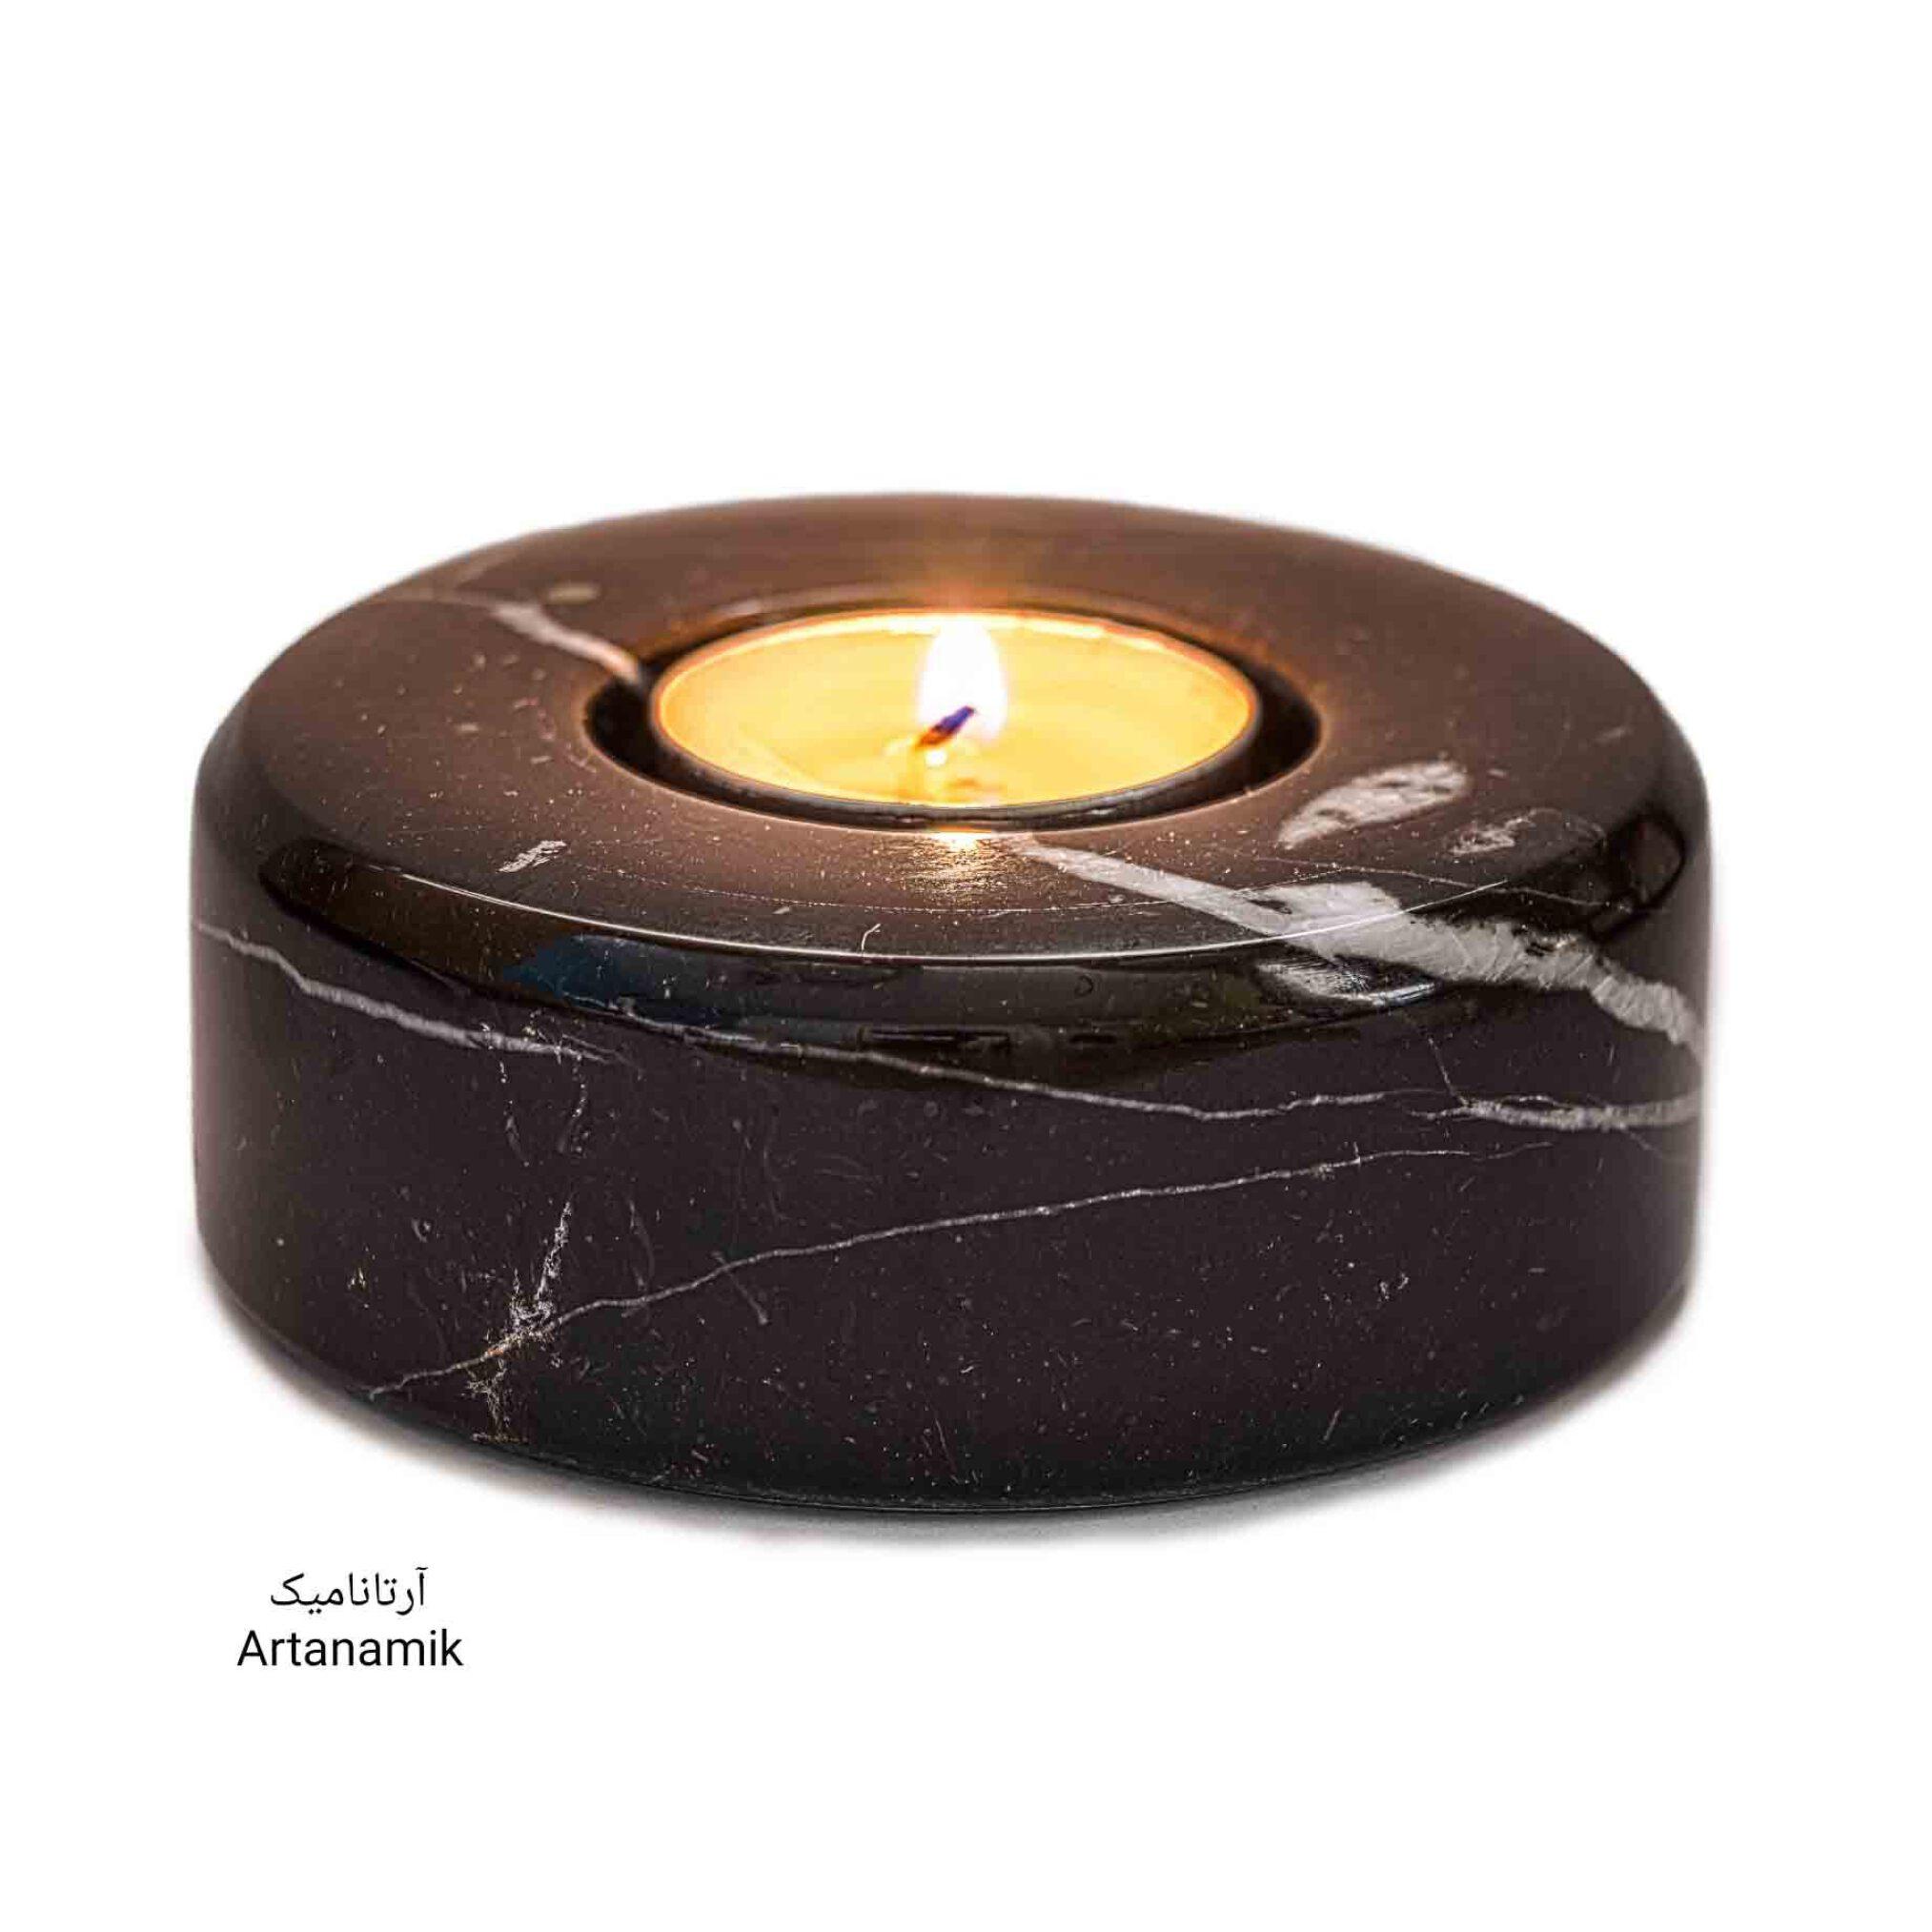 شمعدان سنگی مخصوص شمع وارمر، شمعدان دکوری